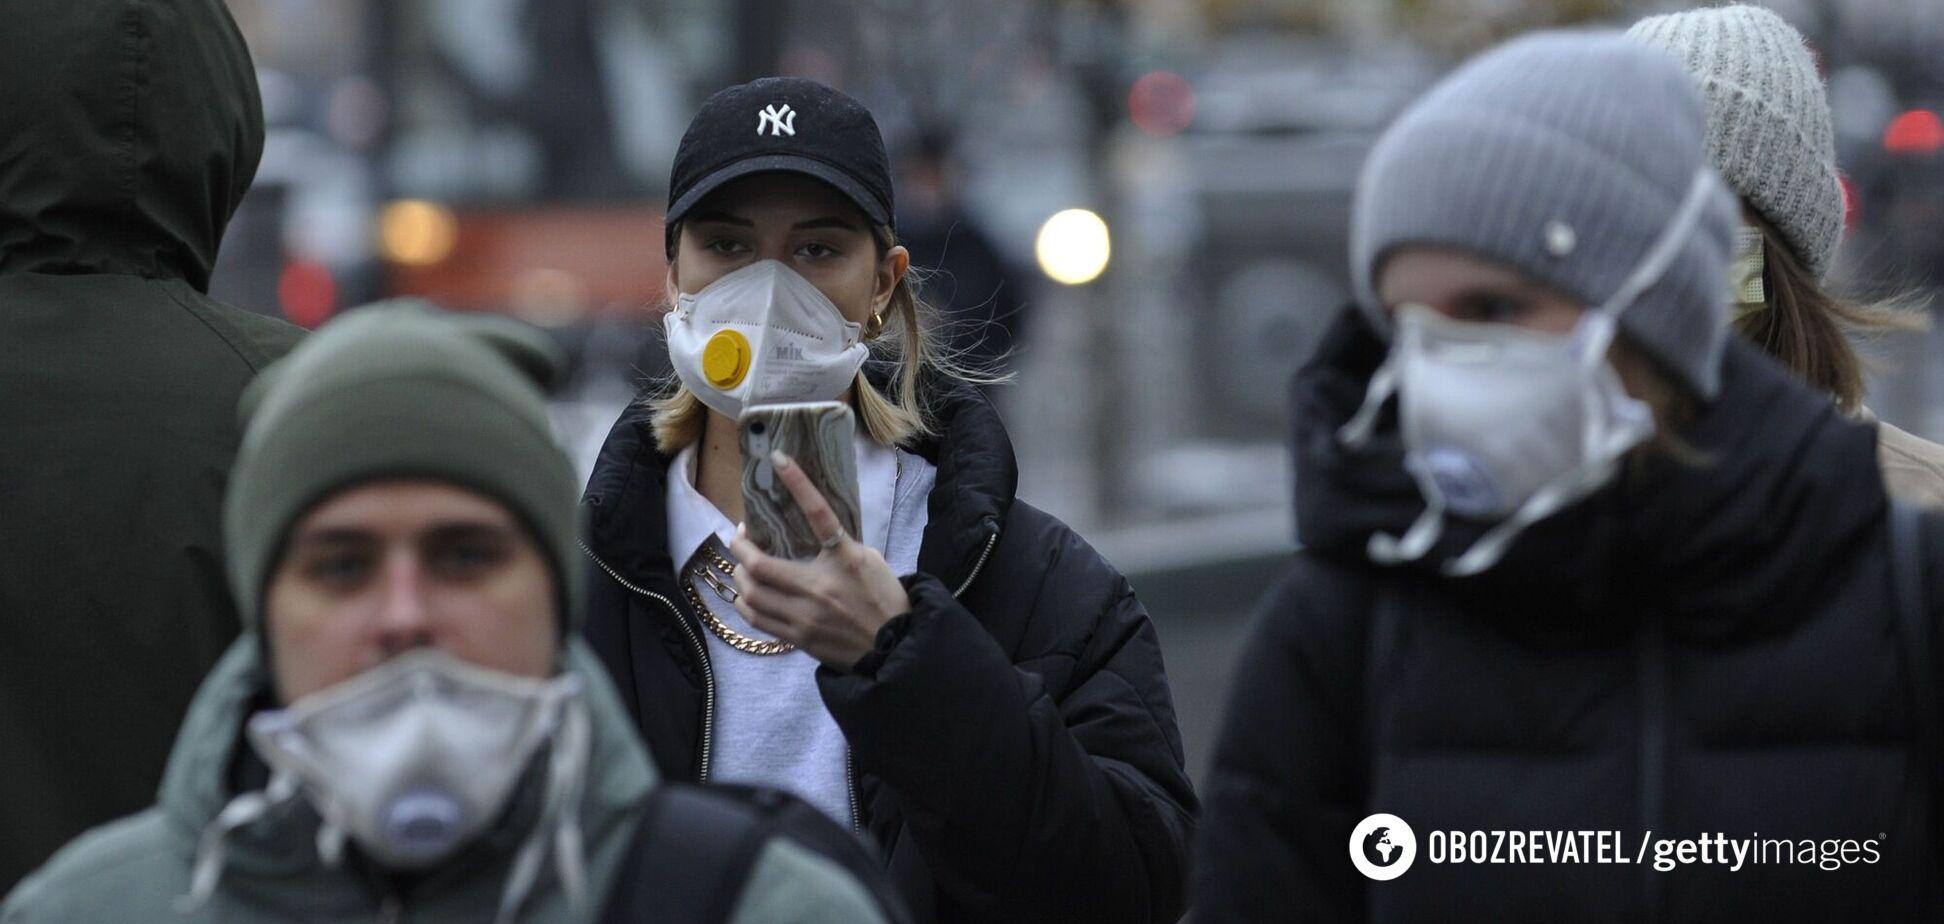 Лікар спрогнозував пік епідемії коронавірусу в Україні на січень-лютий